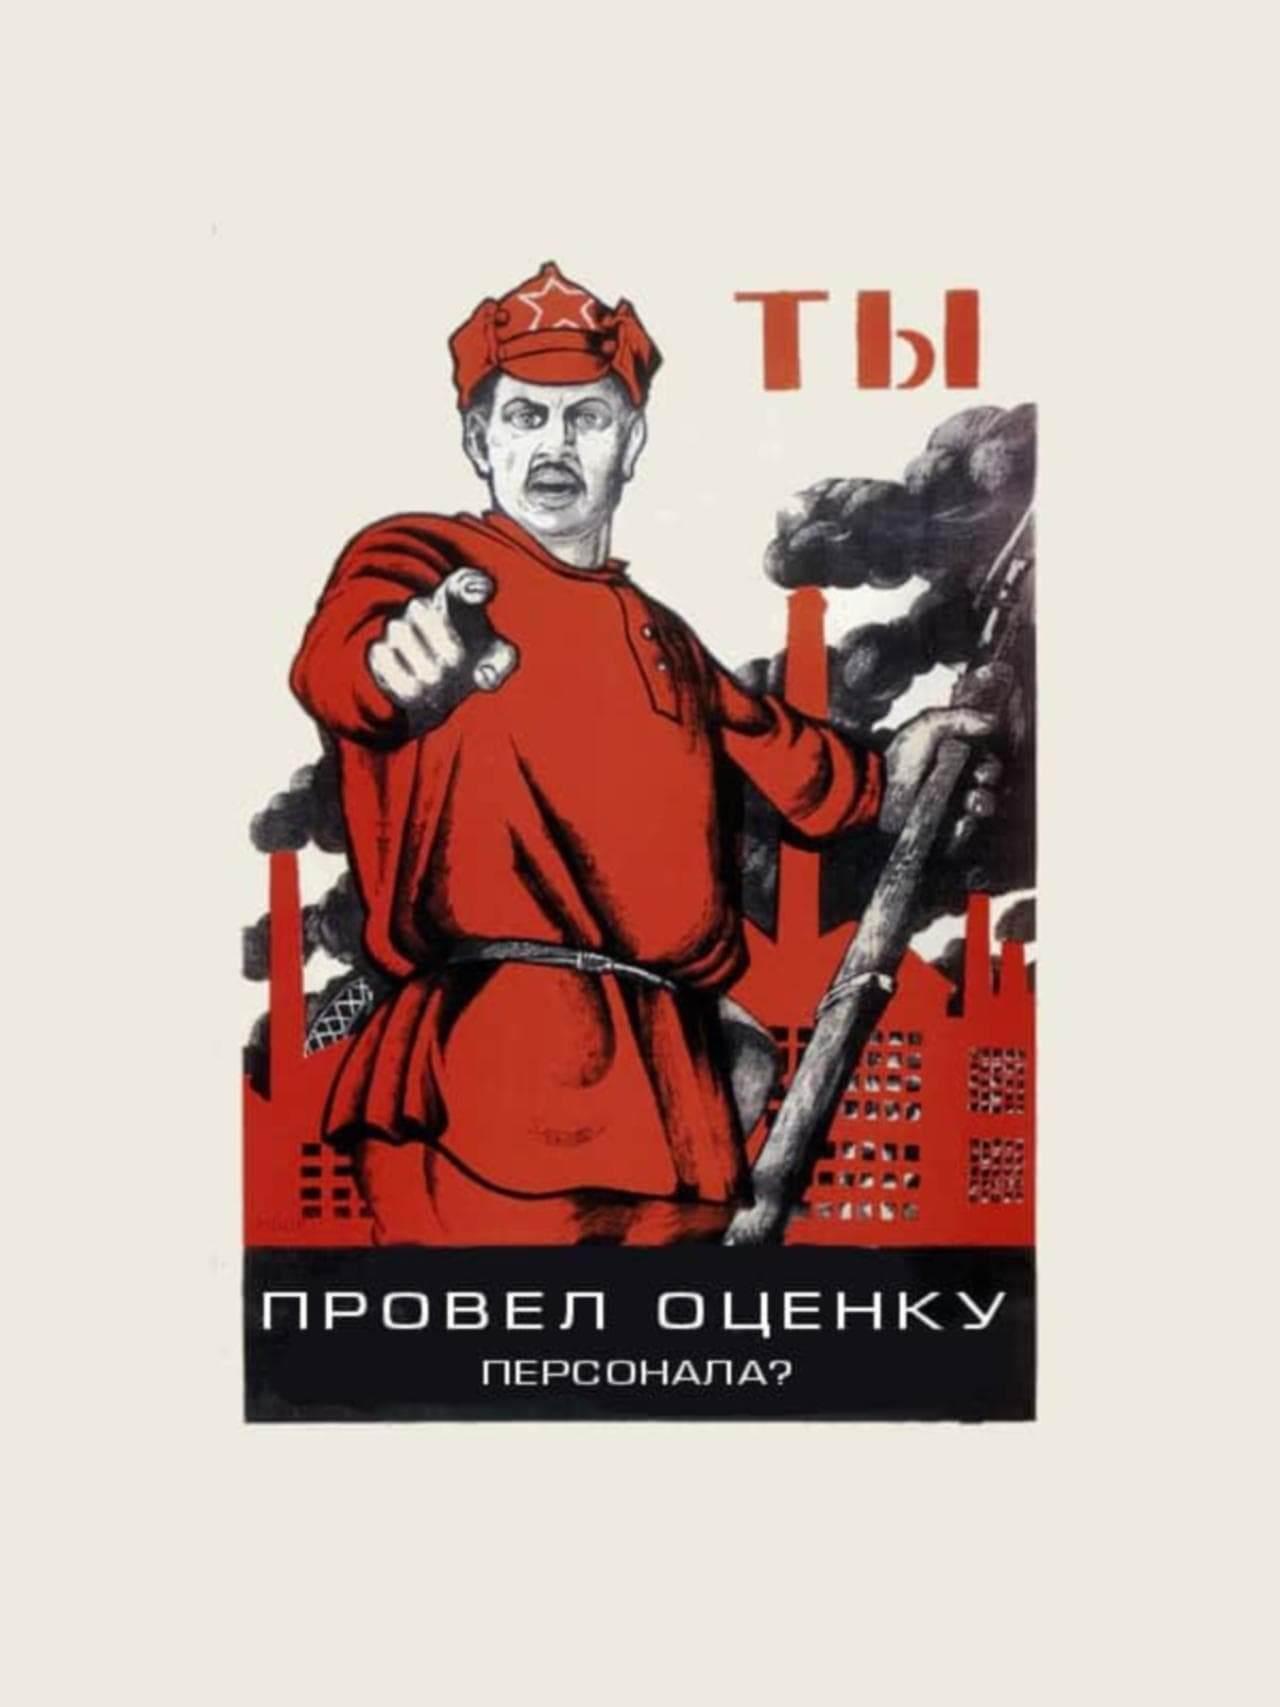 оценка персонала в Лаборатории Деловых Игр☎ +7 (495) 644-97-70 ✔ Работаем по всей России